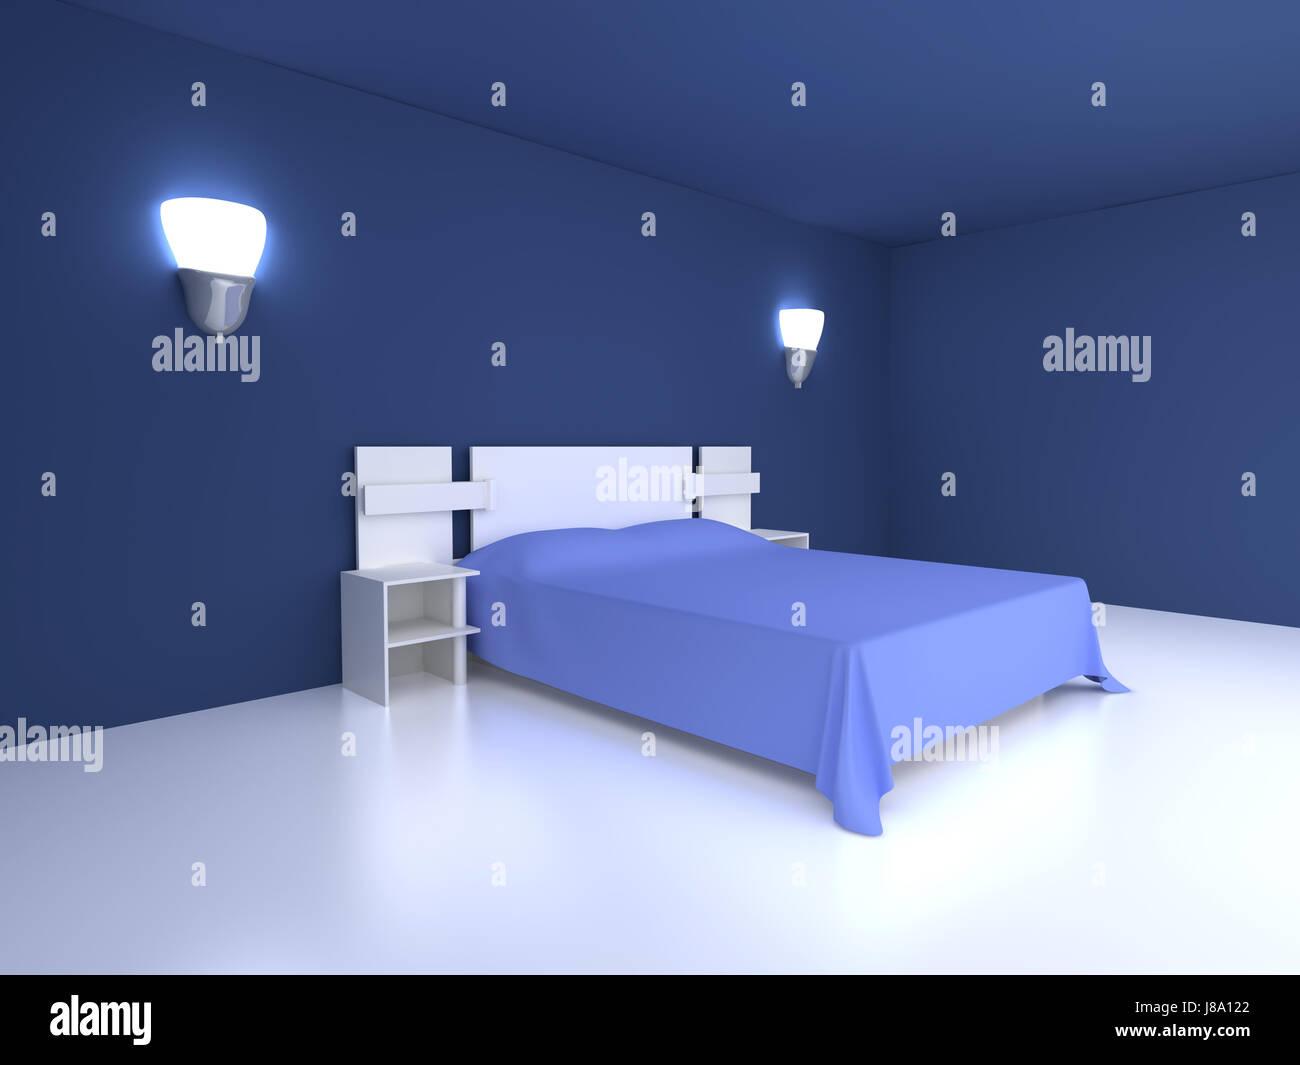 Locker Blue Light Stockfotos & Locker Blue Light Bilder - Seite 2 ...